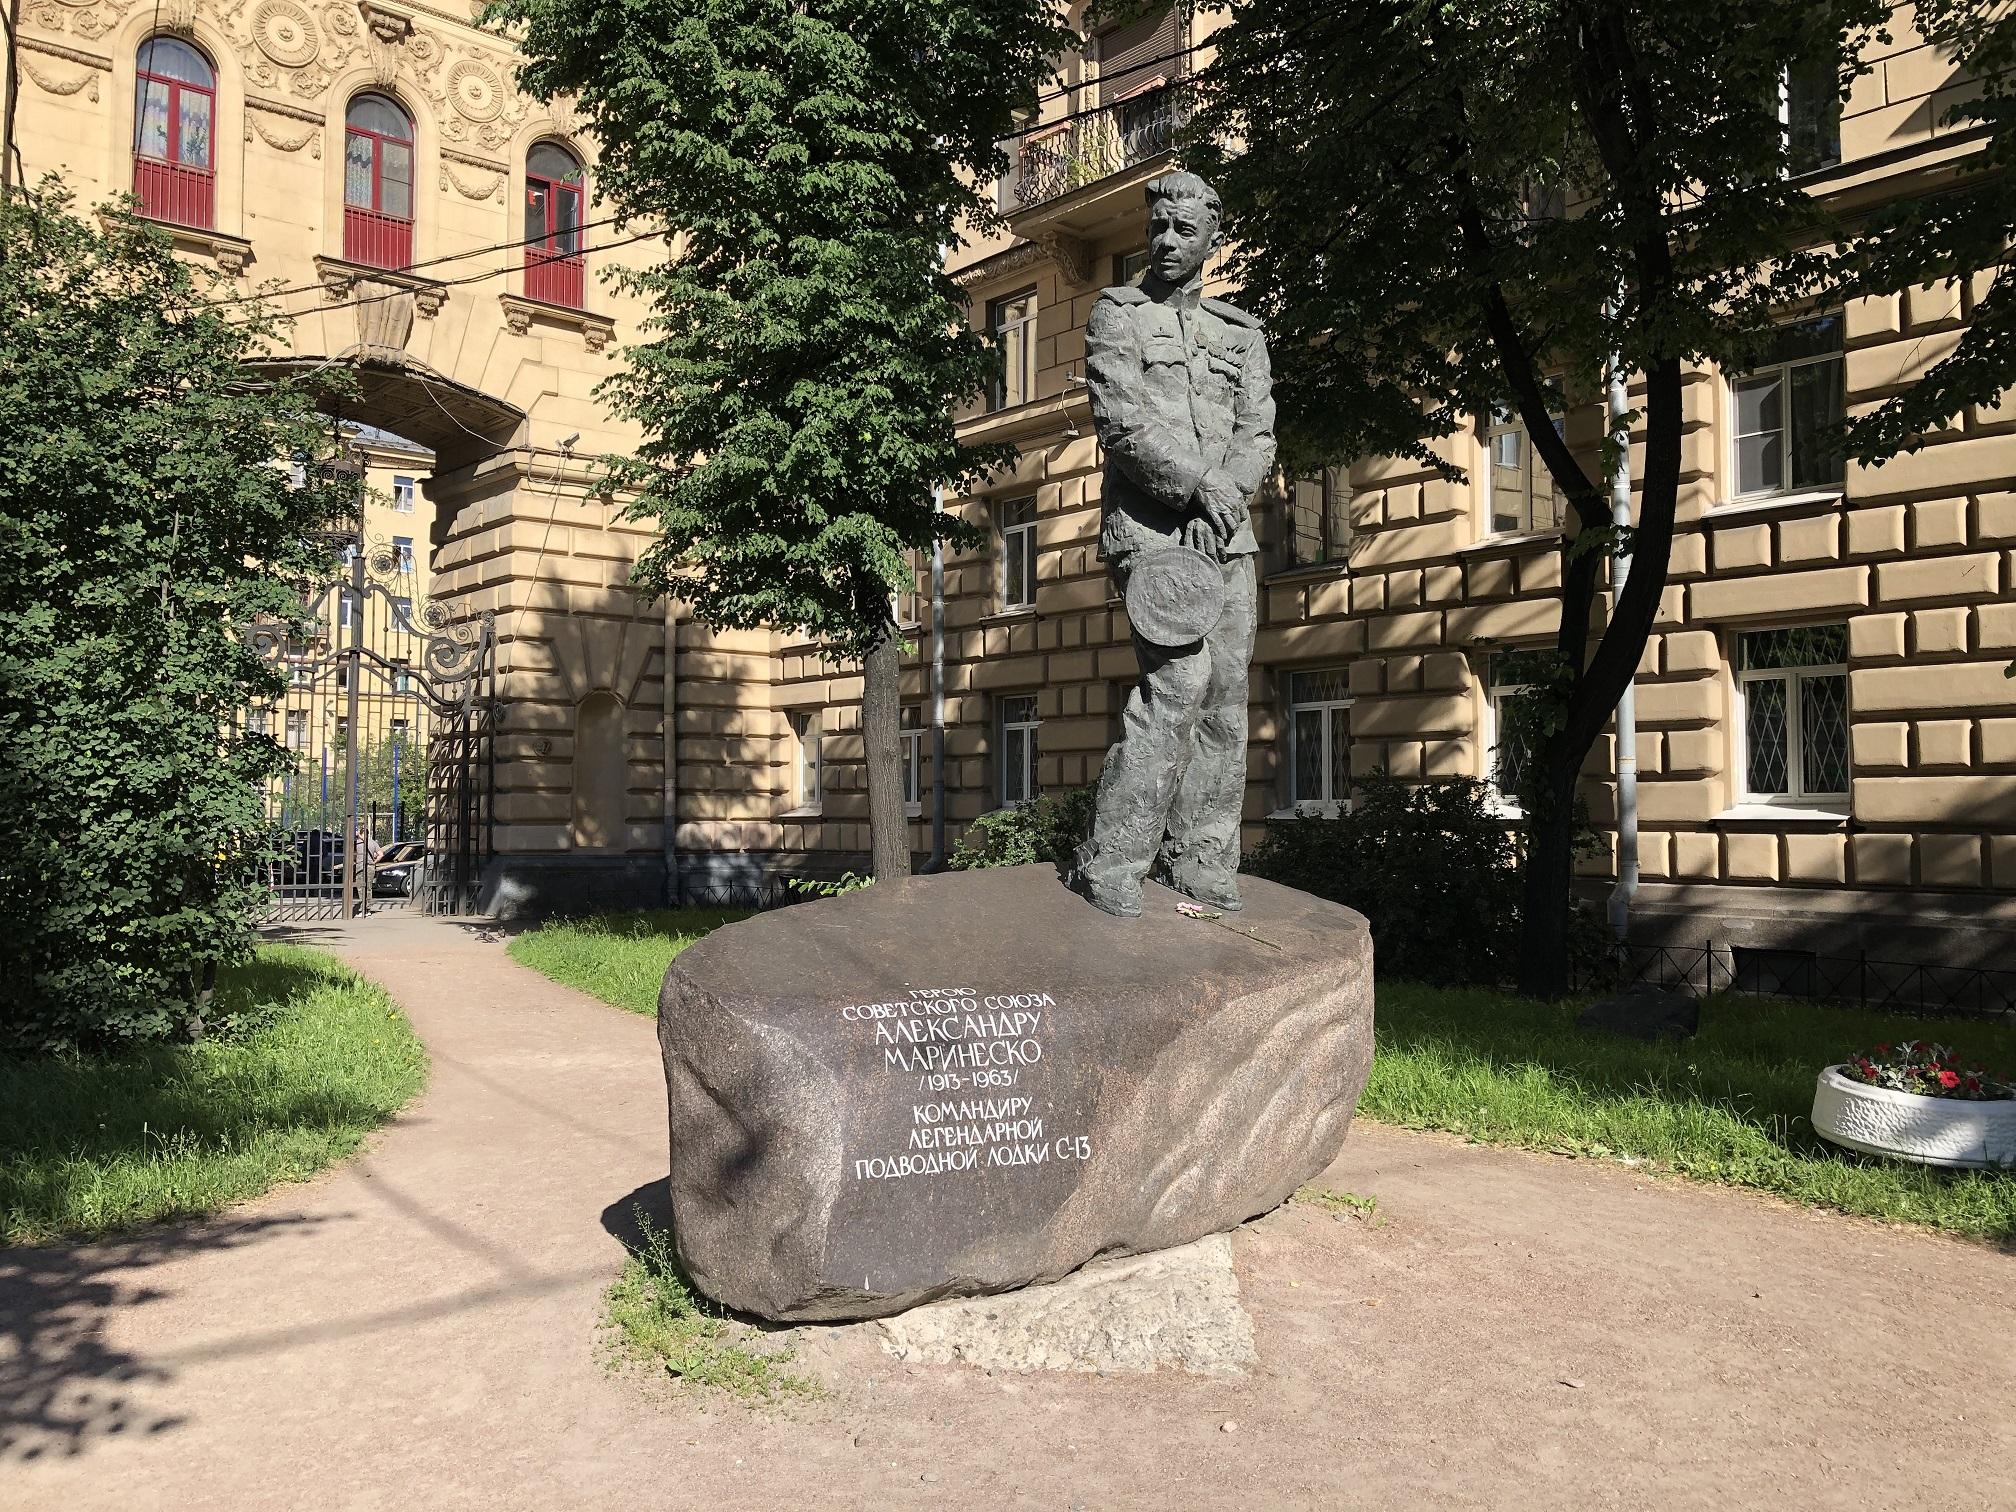 Staty av Marinesko